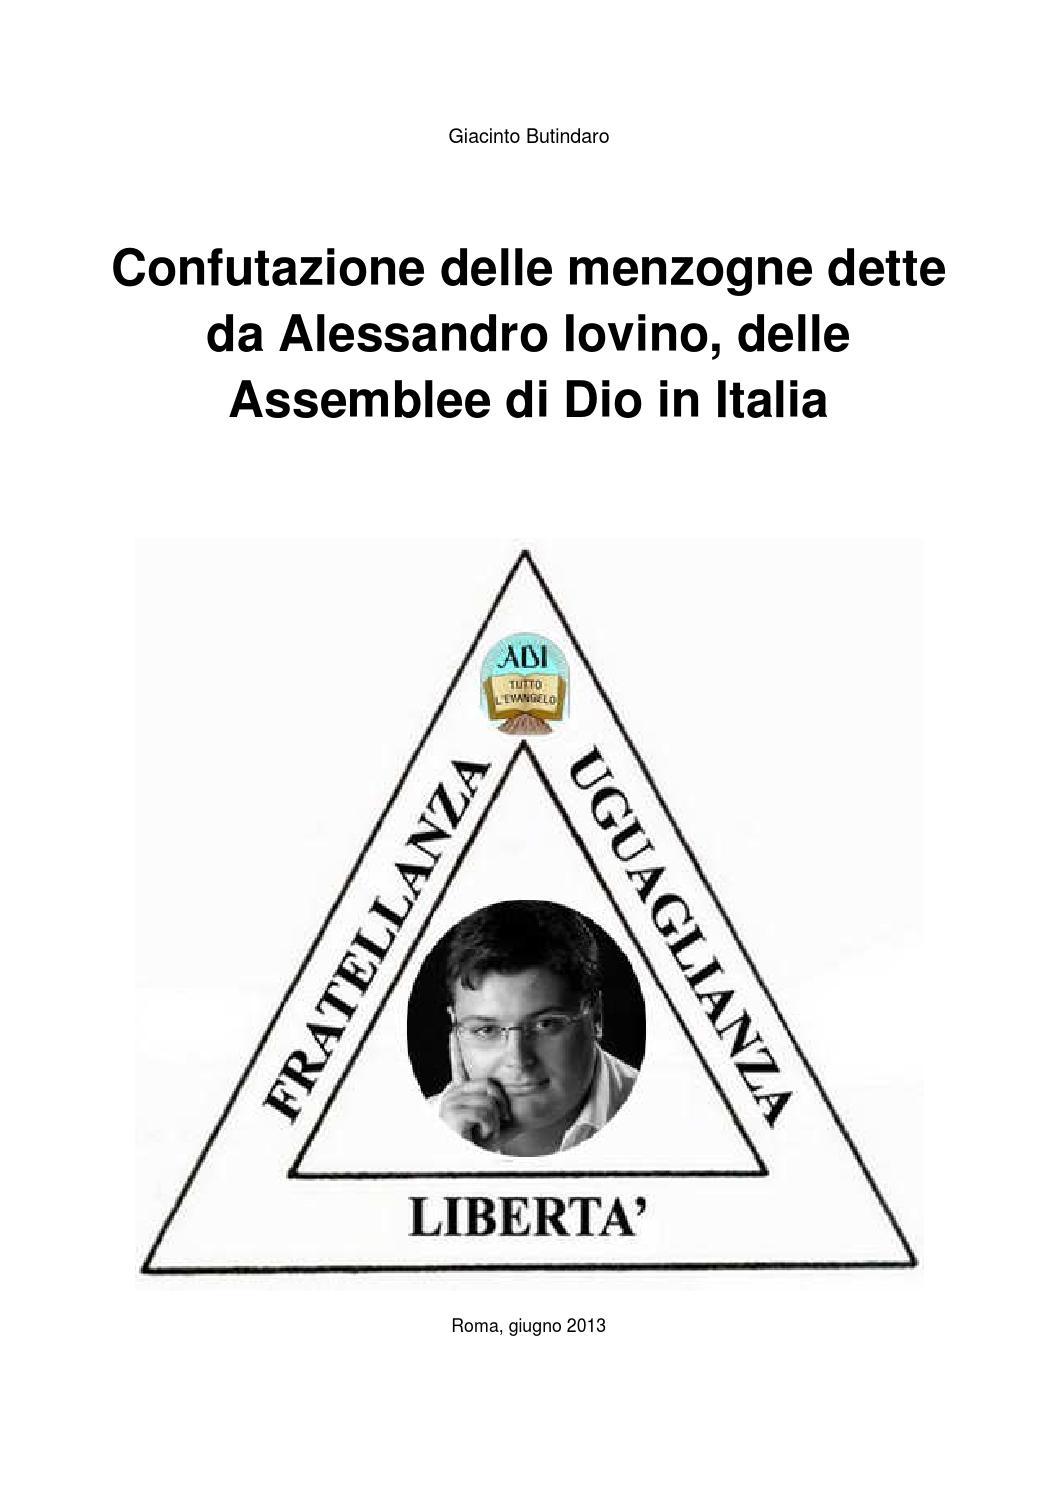 c7a1b56fe2f2f Confutazione delle menzogne dette da Alessandro Iovino